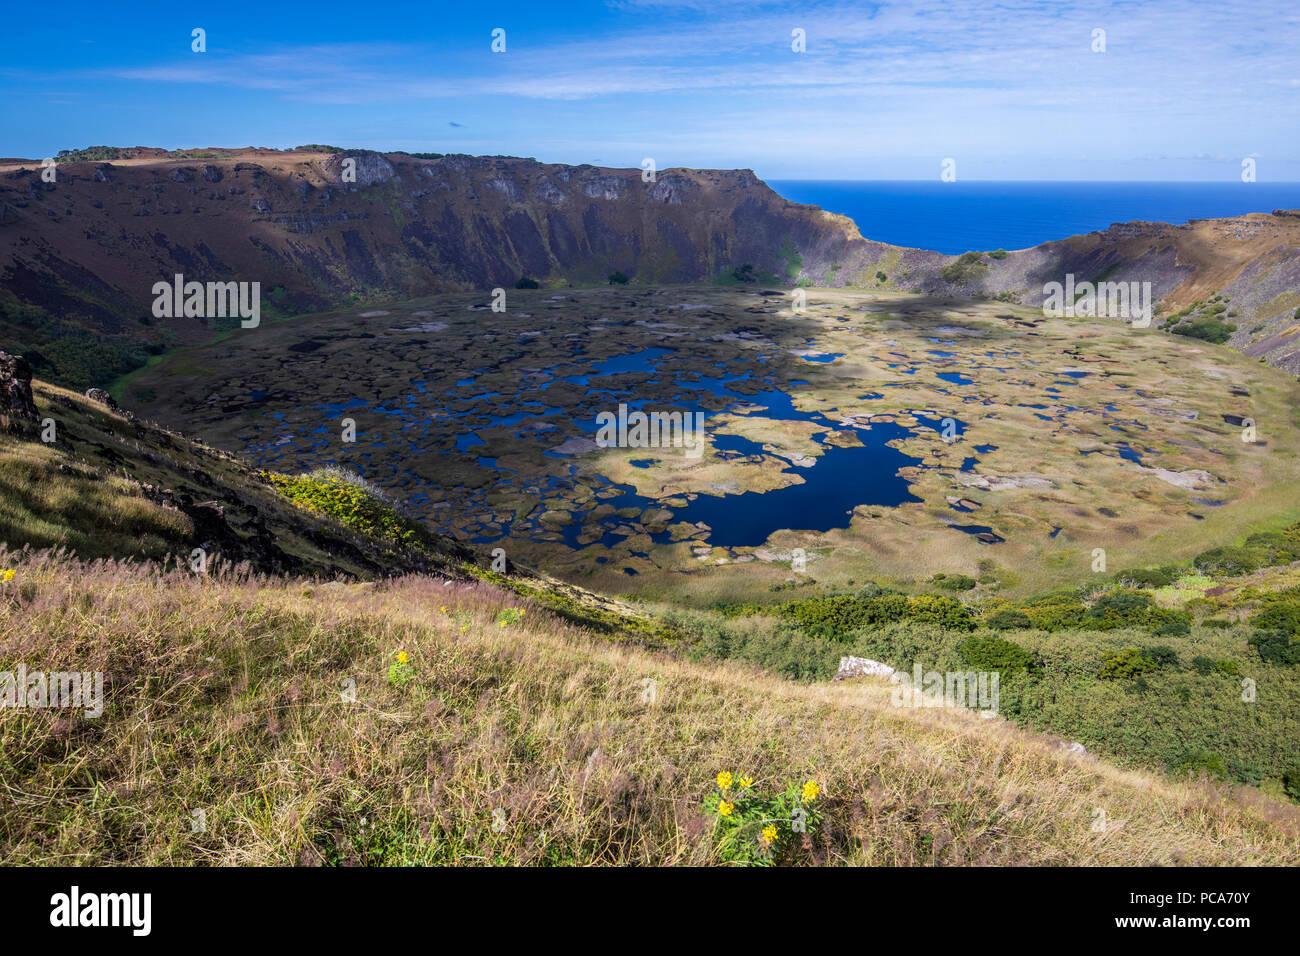 Tolle Aussicht auf den Vulkan Rano Kau, vielleicht ist das die beeindruckende Landschaft im Inneren der Osterinsel. Stockbild